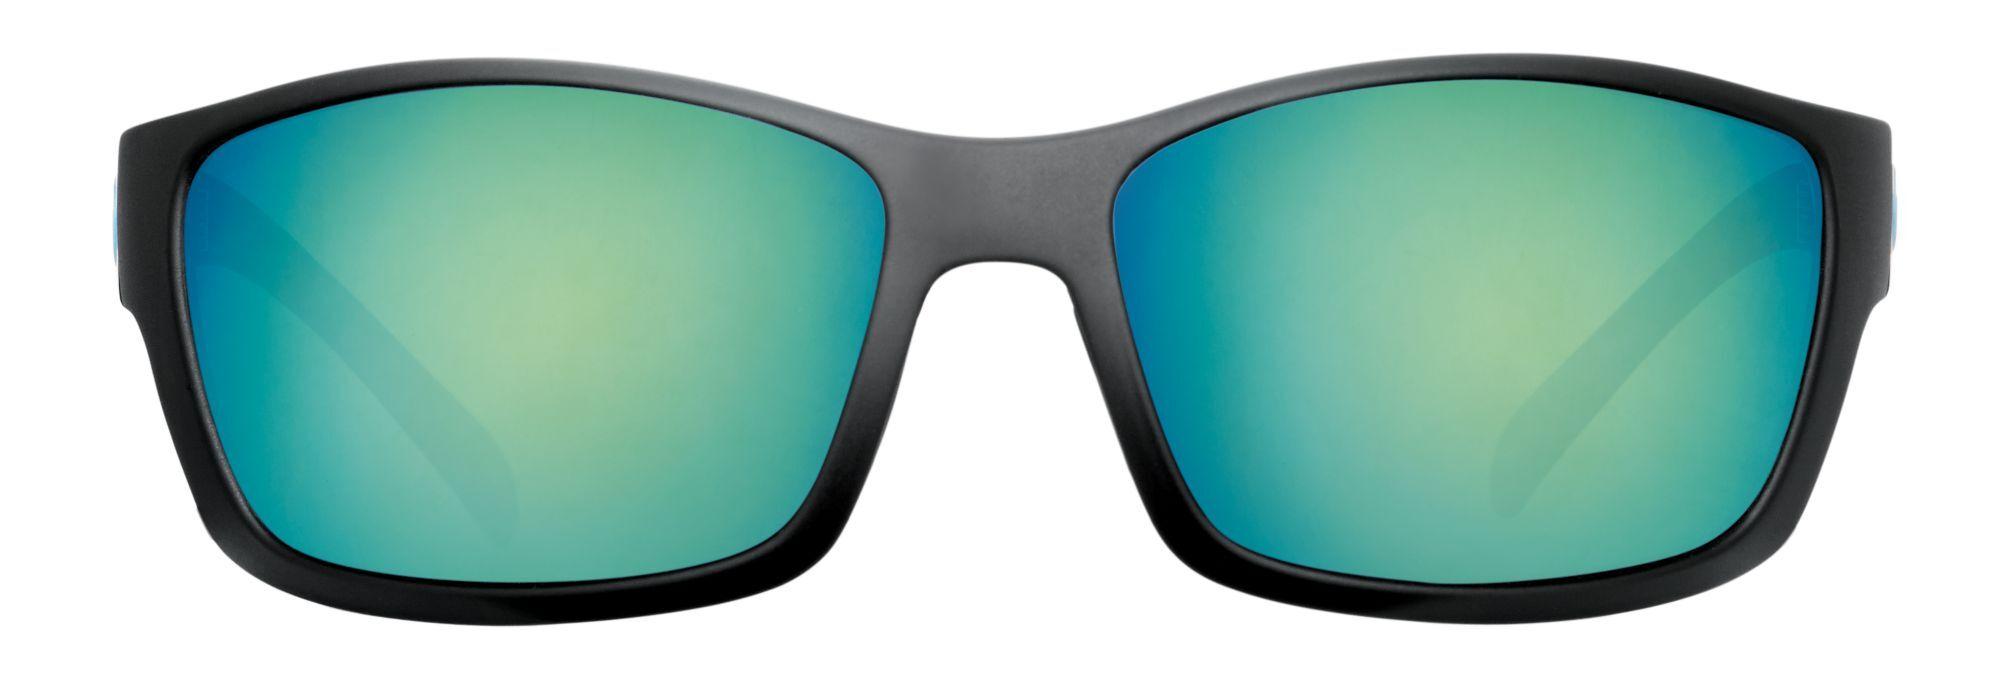 Blue Otter Polarized Blue Otter Oconee Polarized Sunglasses, Matte Black/Deep Green